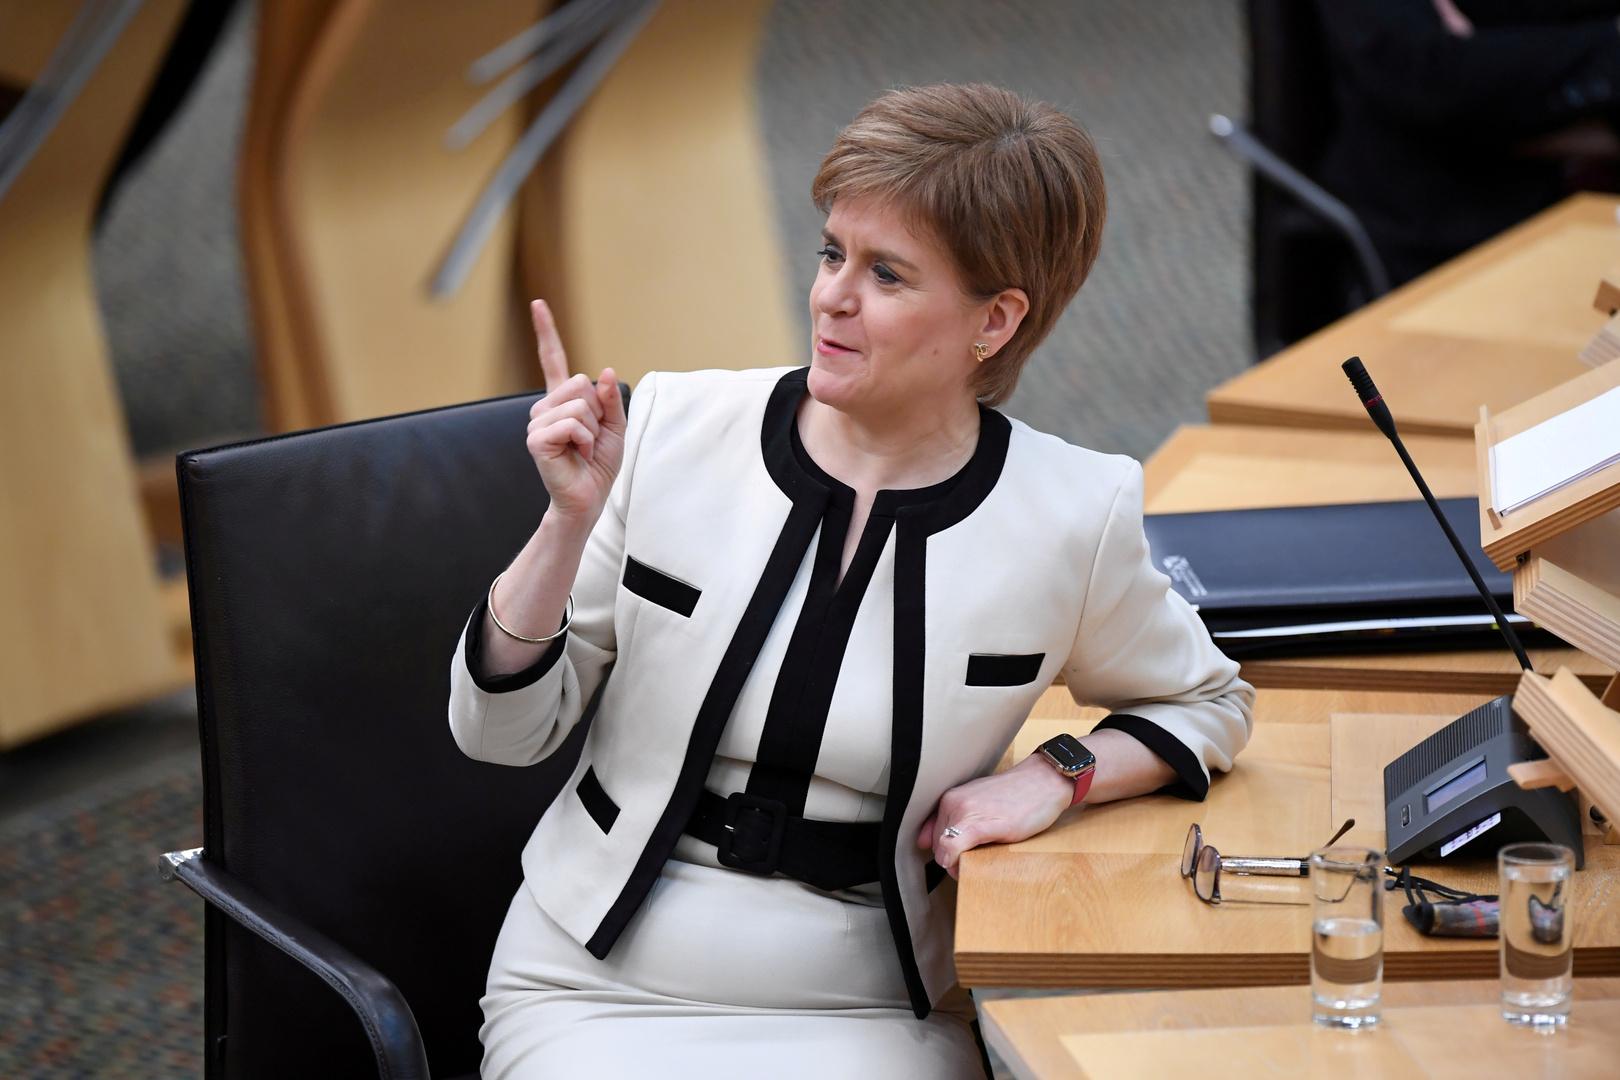 سترجين عن زيارة جونسون إلى إسكتلندا: هل هي حقا ضرورية؟